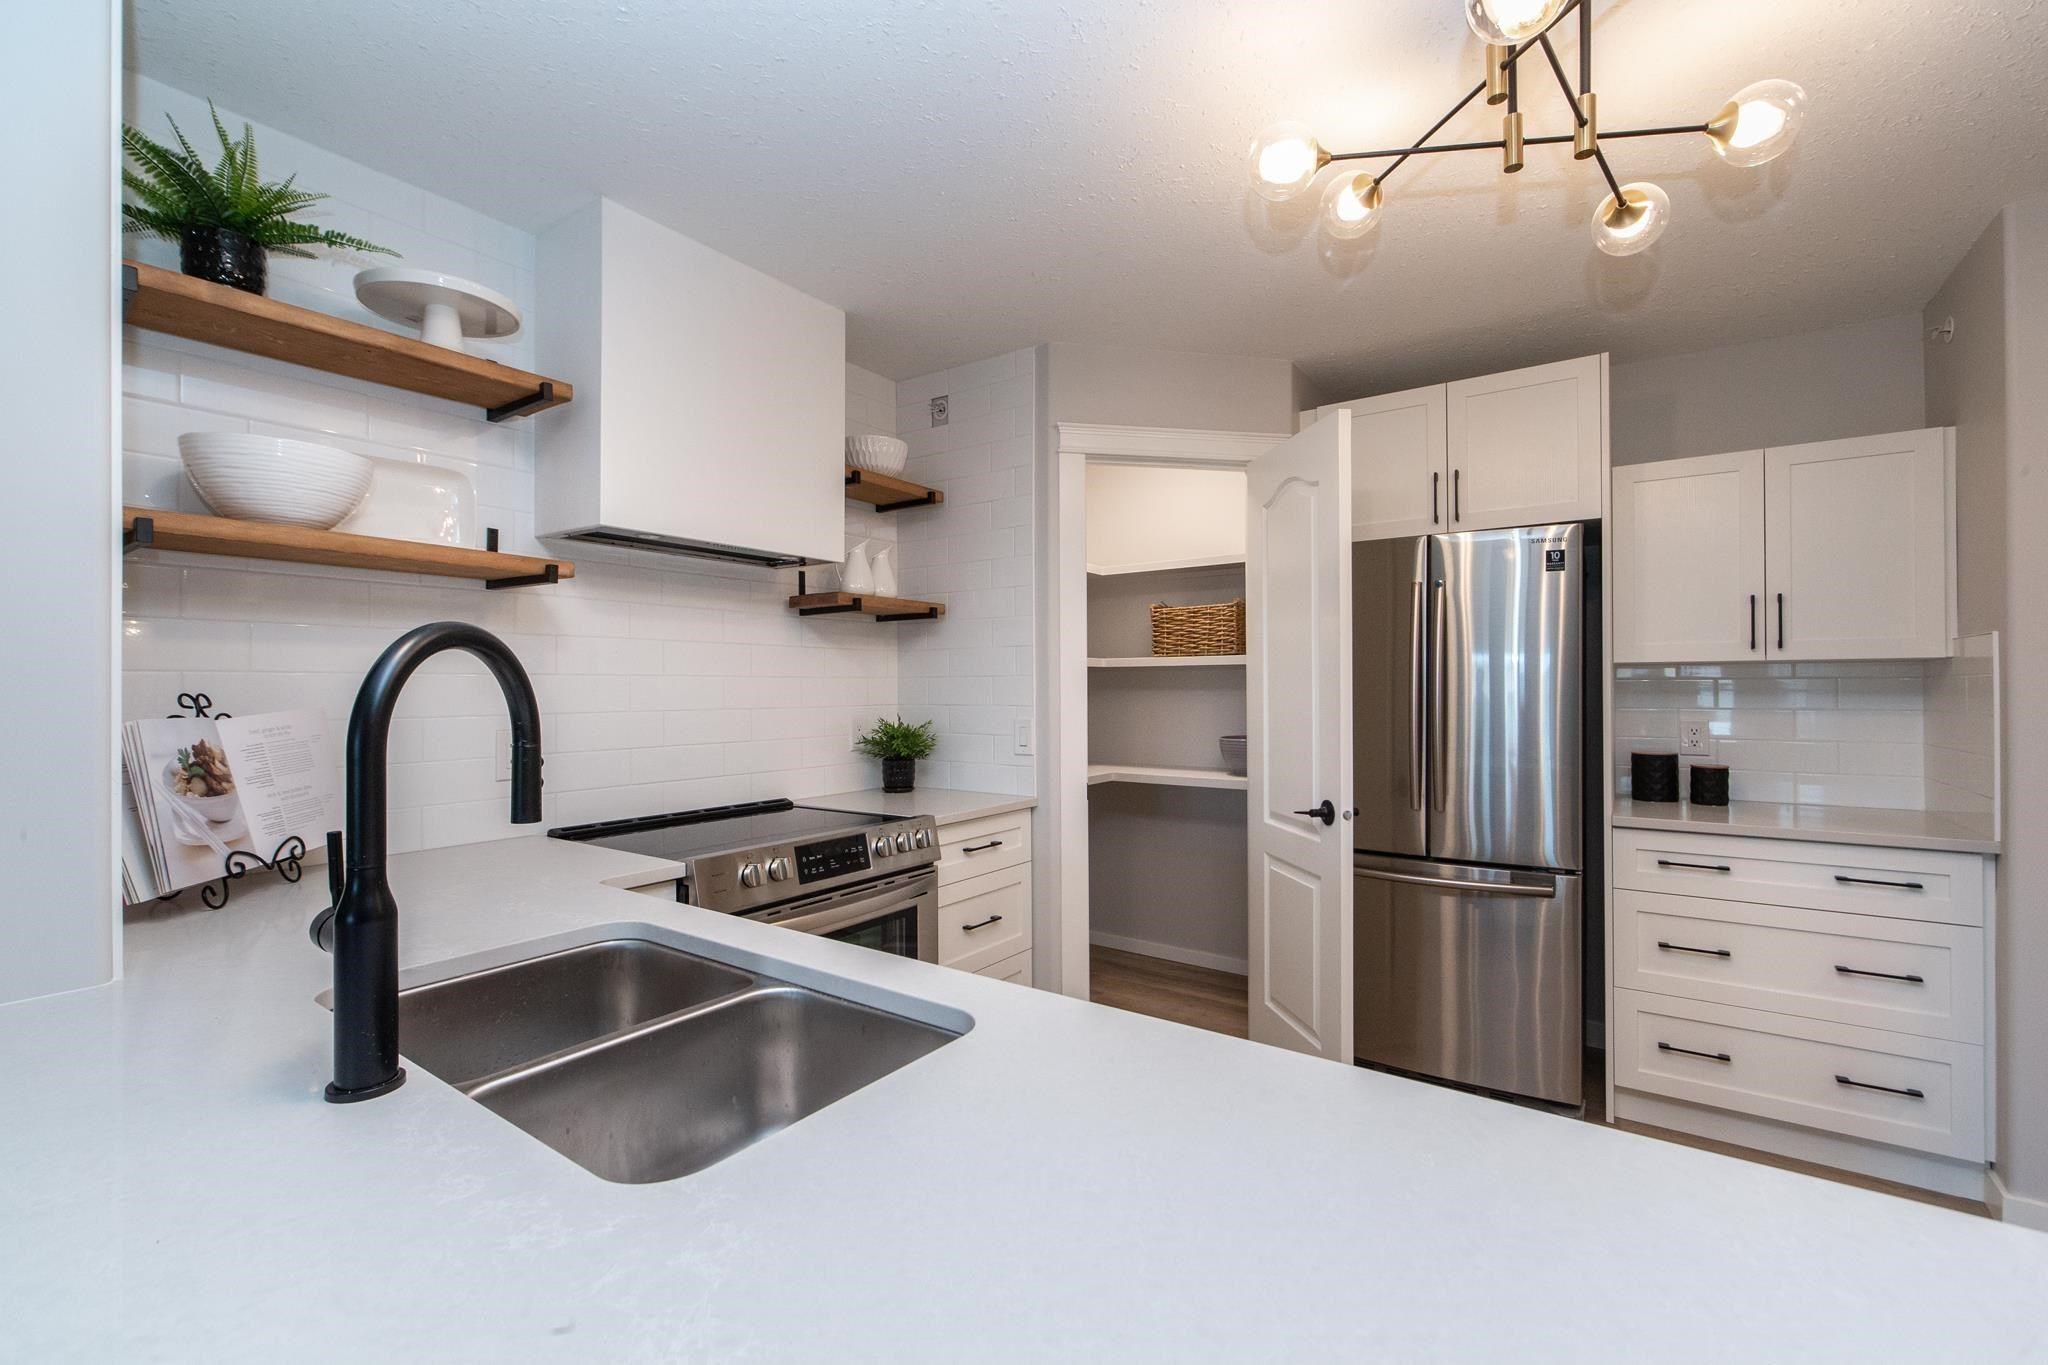 Main Photo: 519 261 YOUVILLE Drive E in Edmonton: Zone 29 Condo for sale : MLS®# E4252501